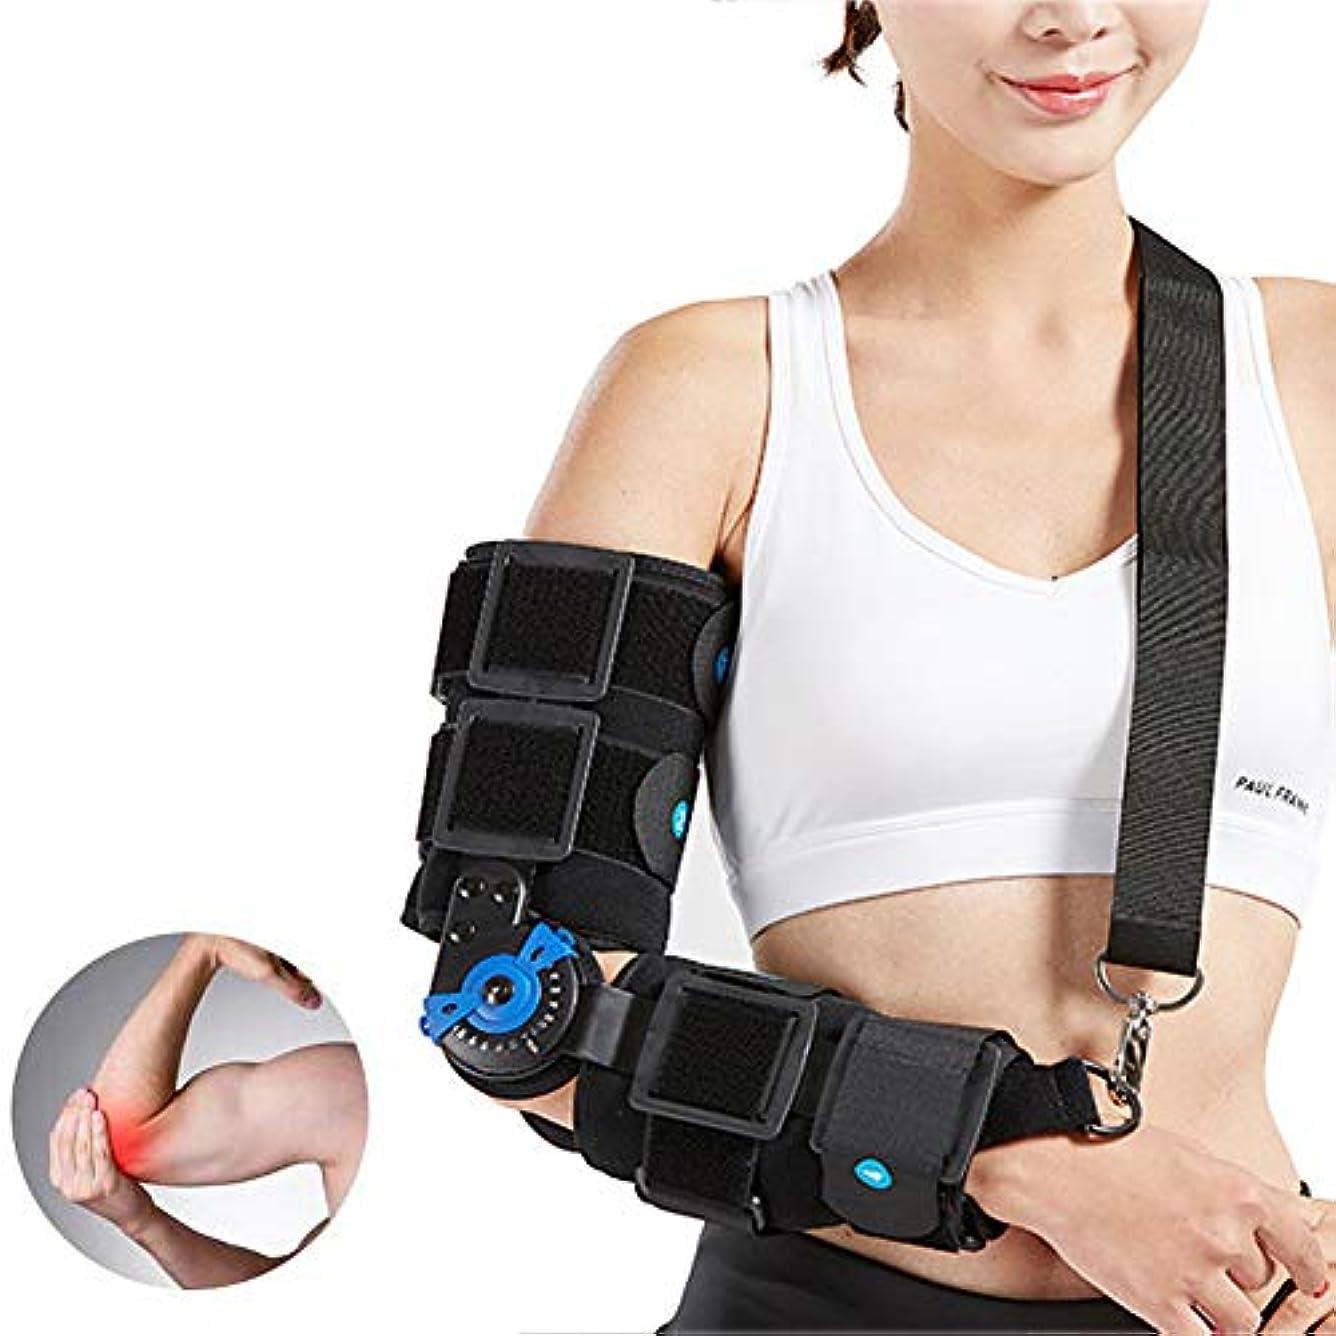 マット手数料絶え間ない調節可能なアームスリングは手術前後の骨折用アームリフト、傷害回復、ワンサイズ - ユニセックス